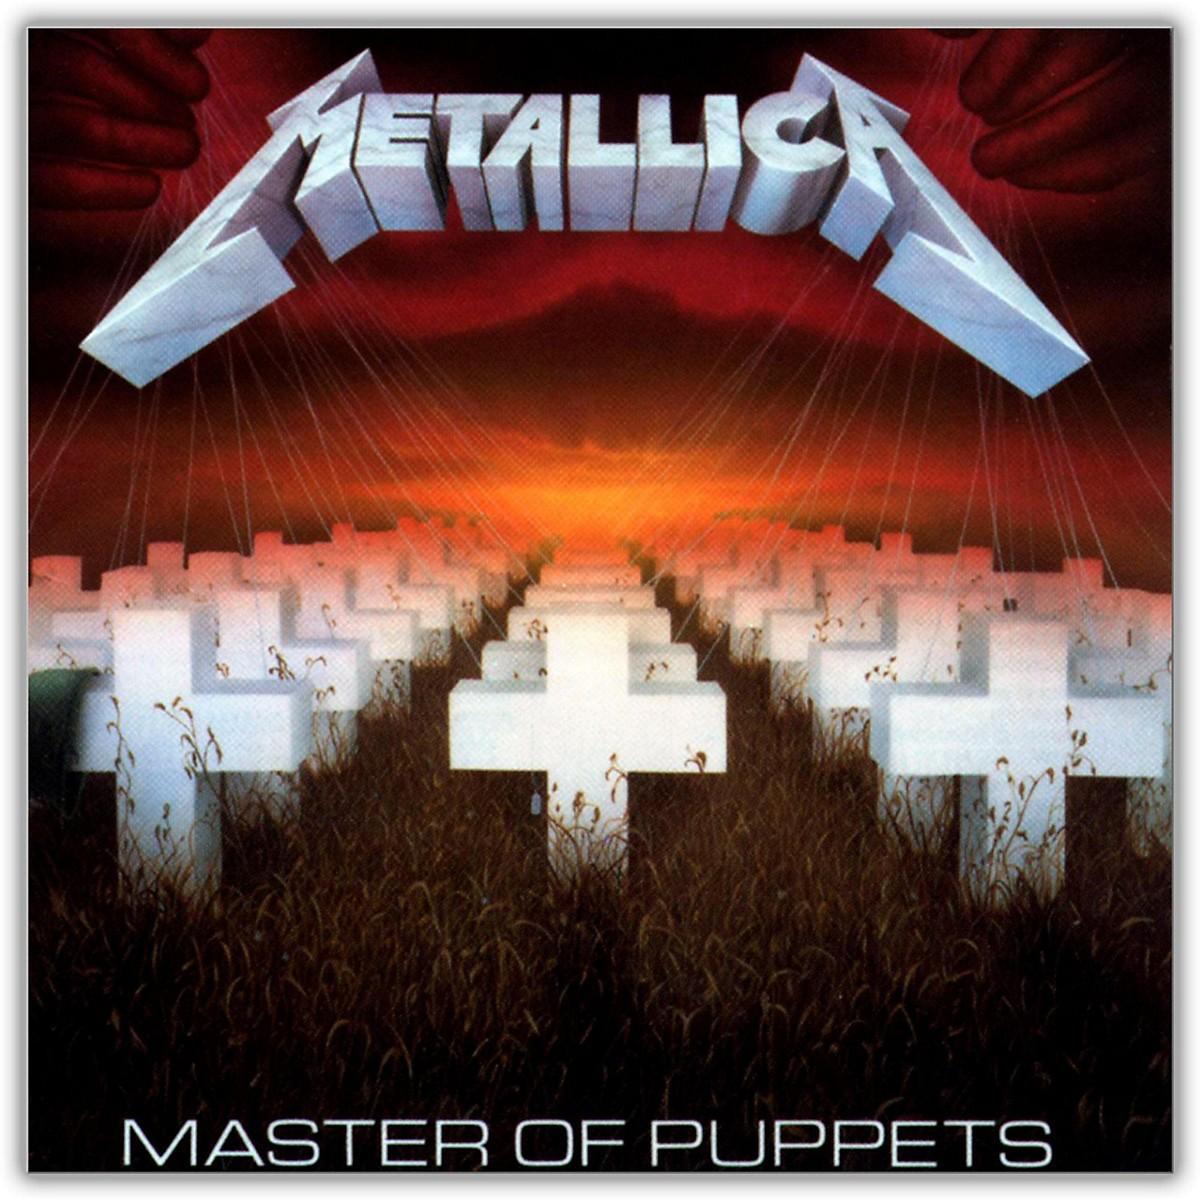 WEA Metallica - Master of Puppets Vinyl LP